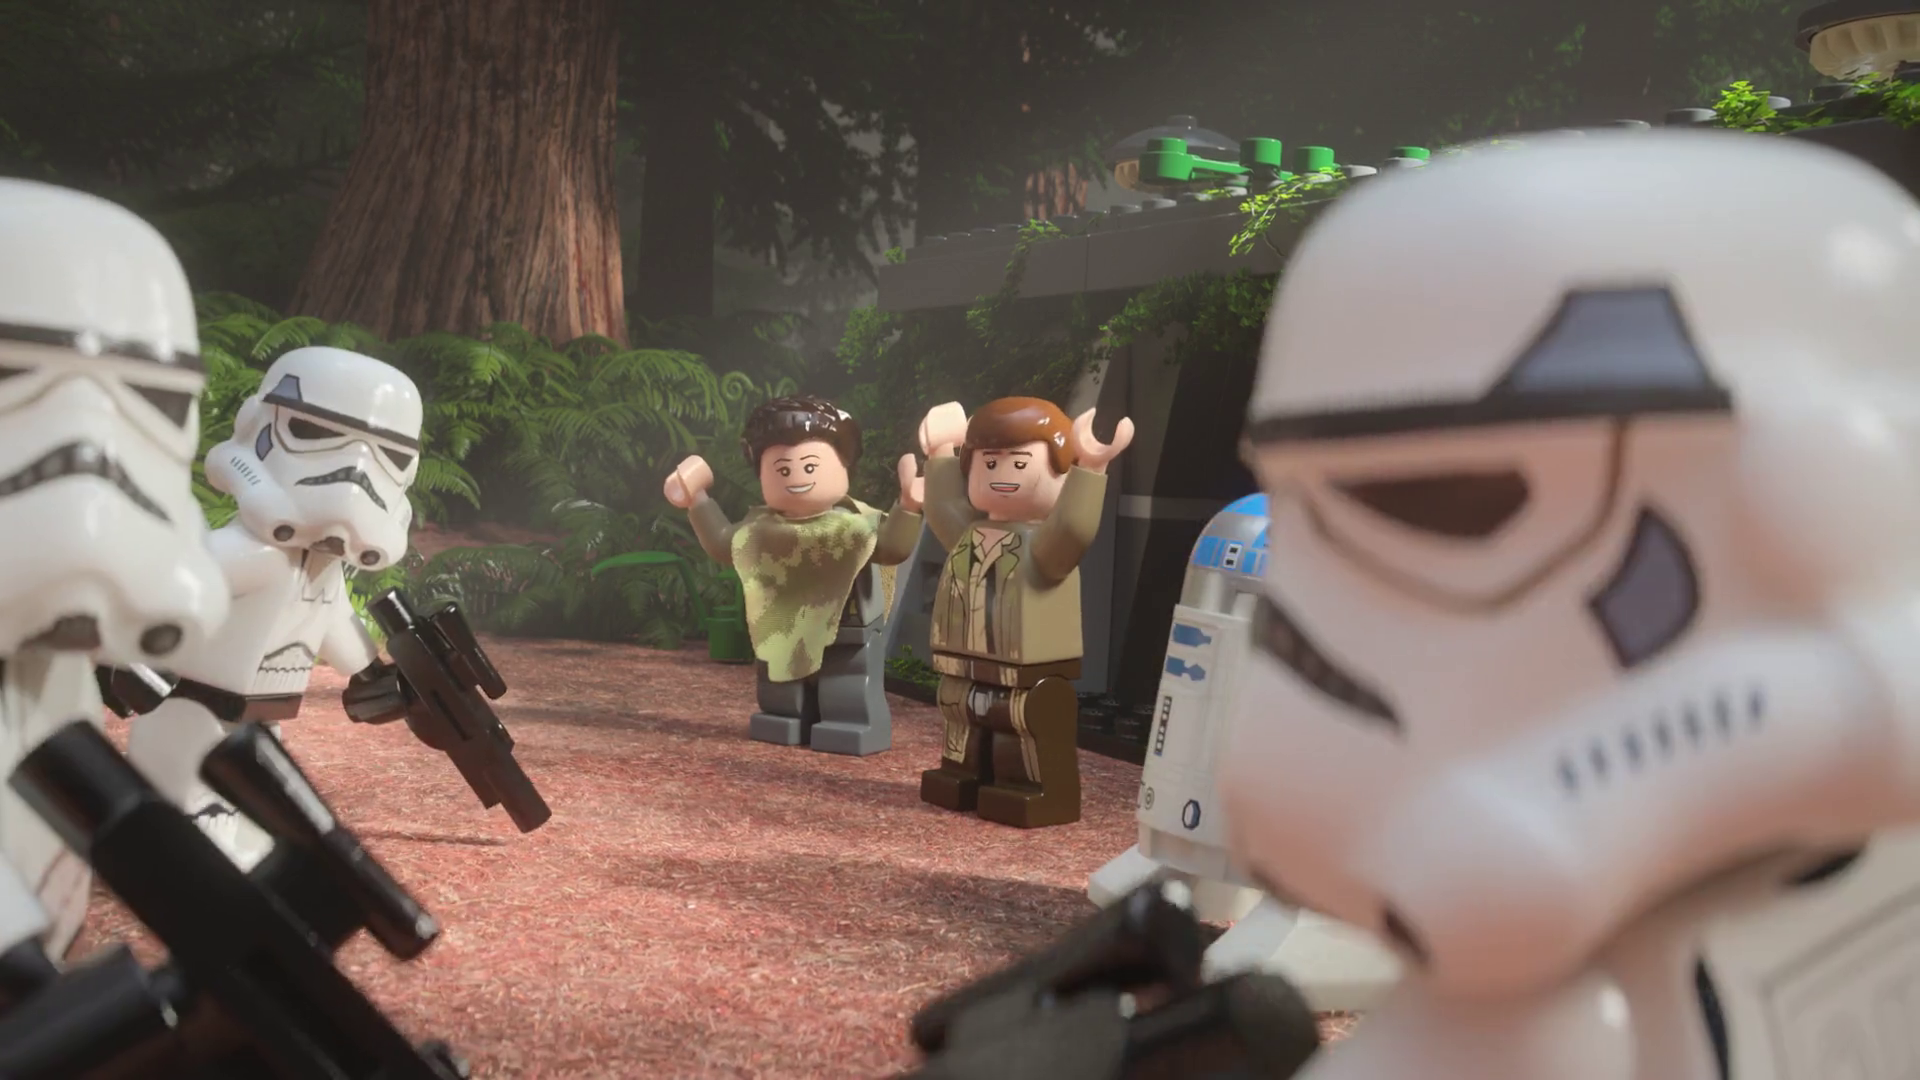 Lego Star Wars: The Epic Battle of Endor